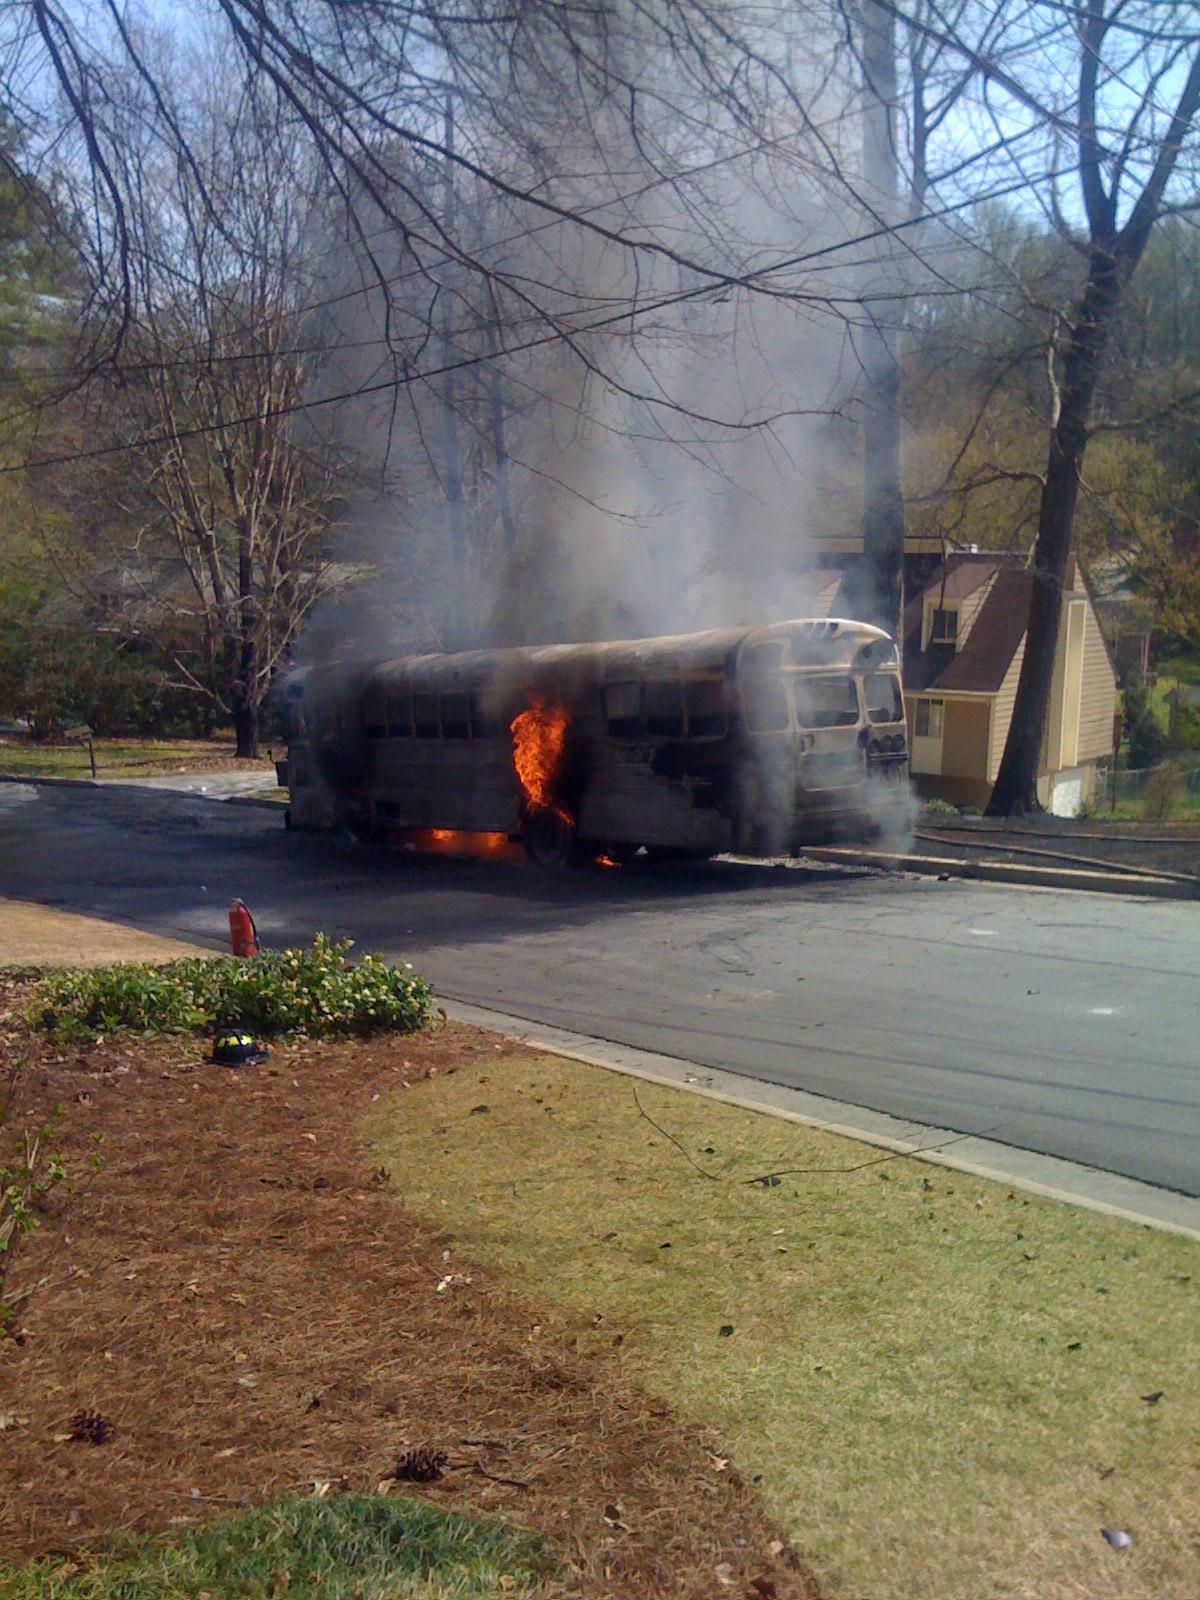 Bus fire 2